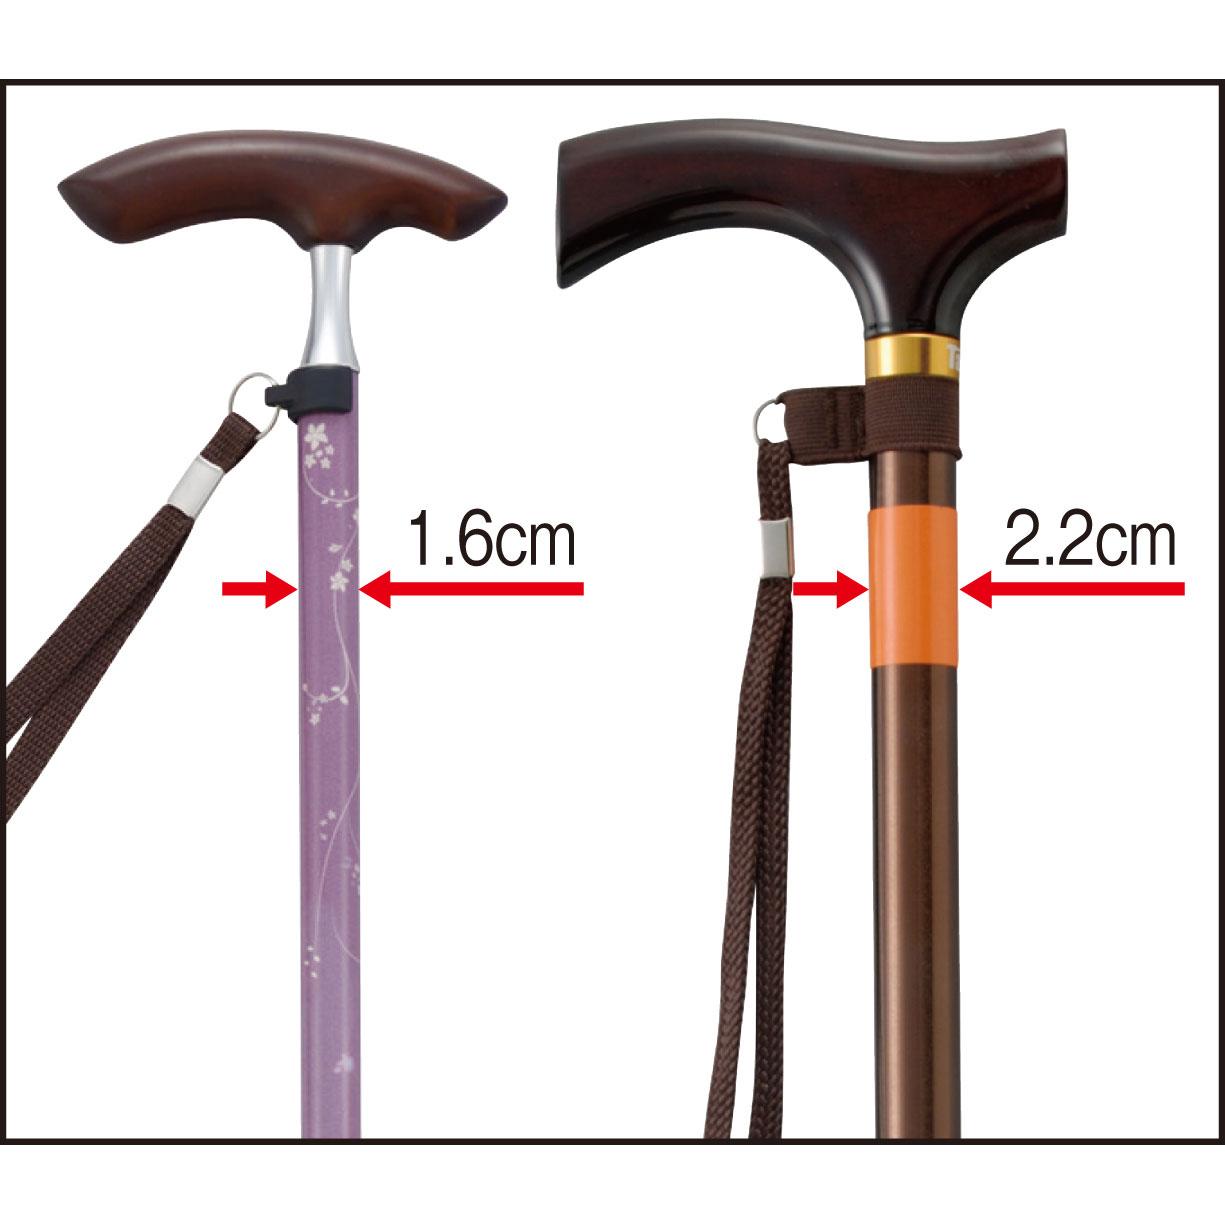 細身で女性にもぴったり。杖の太さが他の杖よりも細く、主張しすぎません。グリップ下部分も握りやすくなっています。